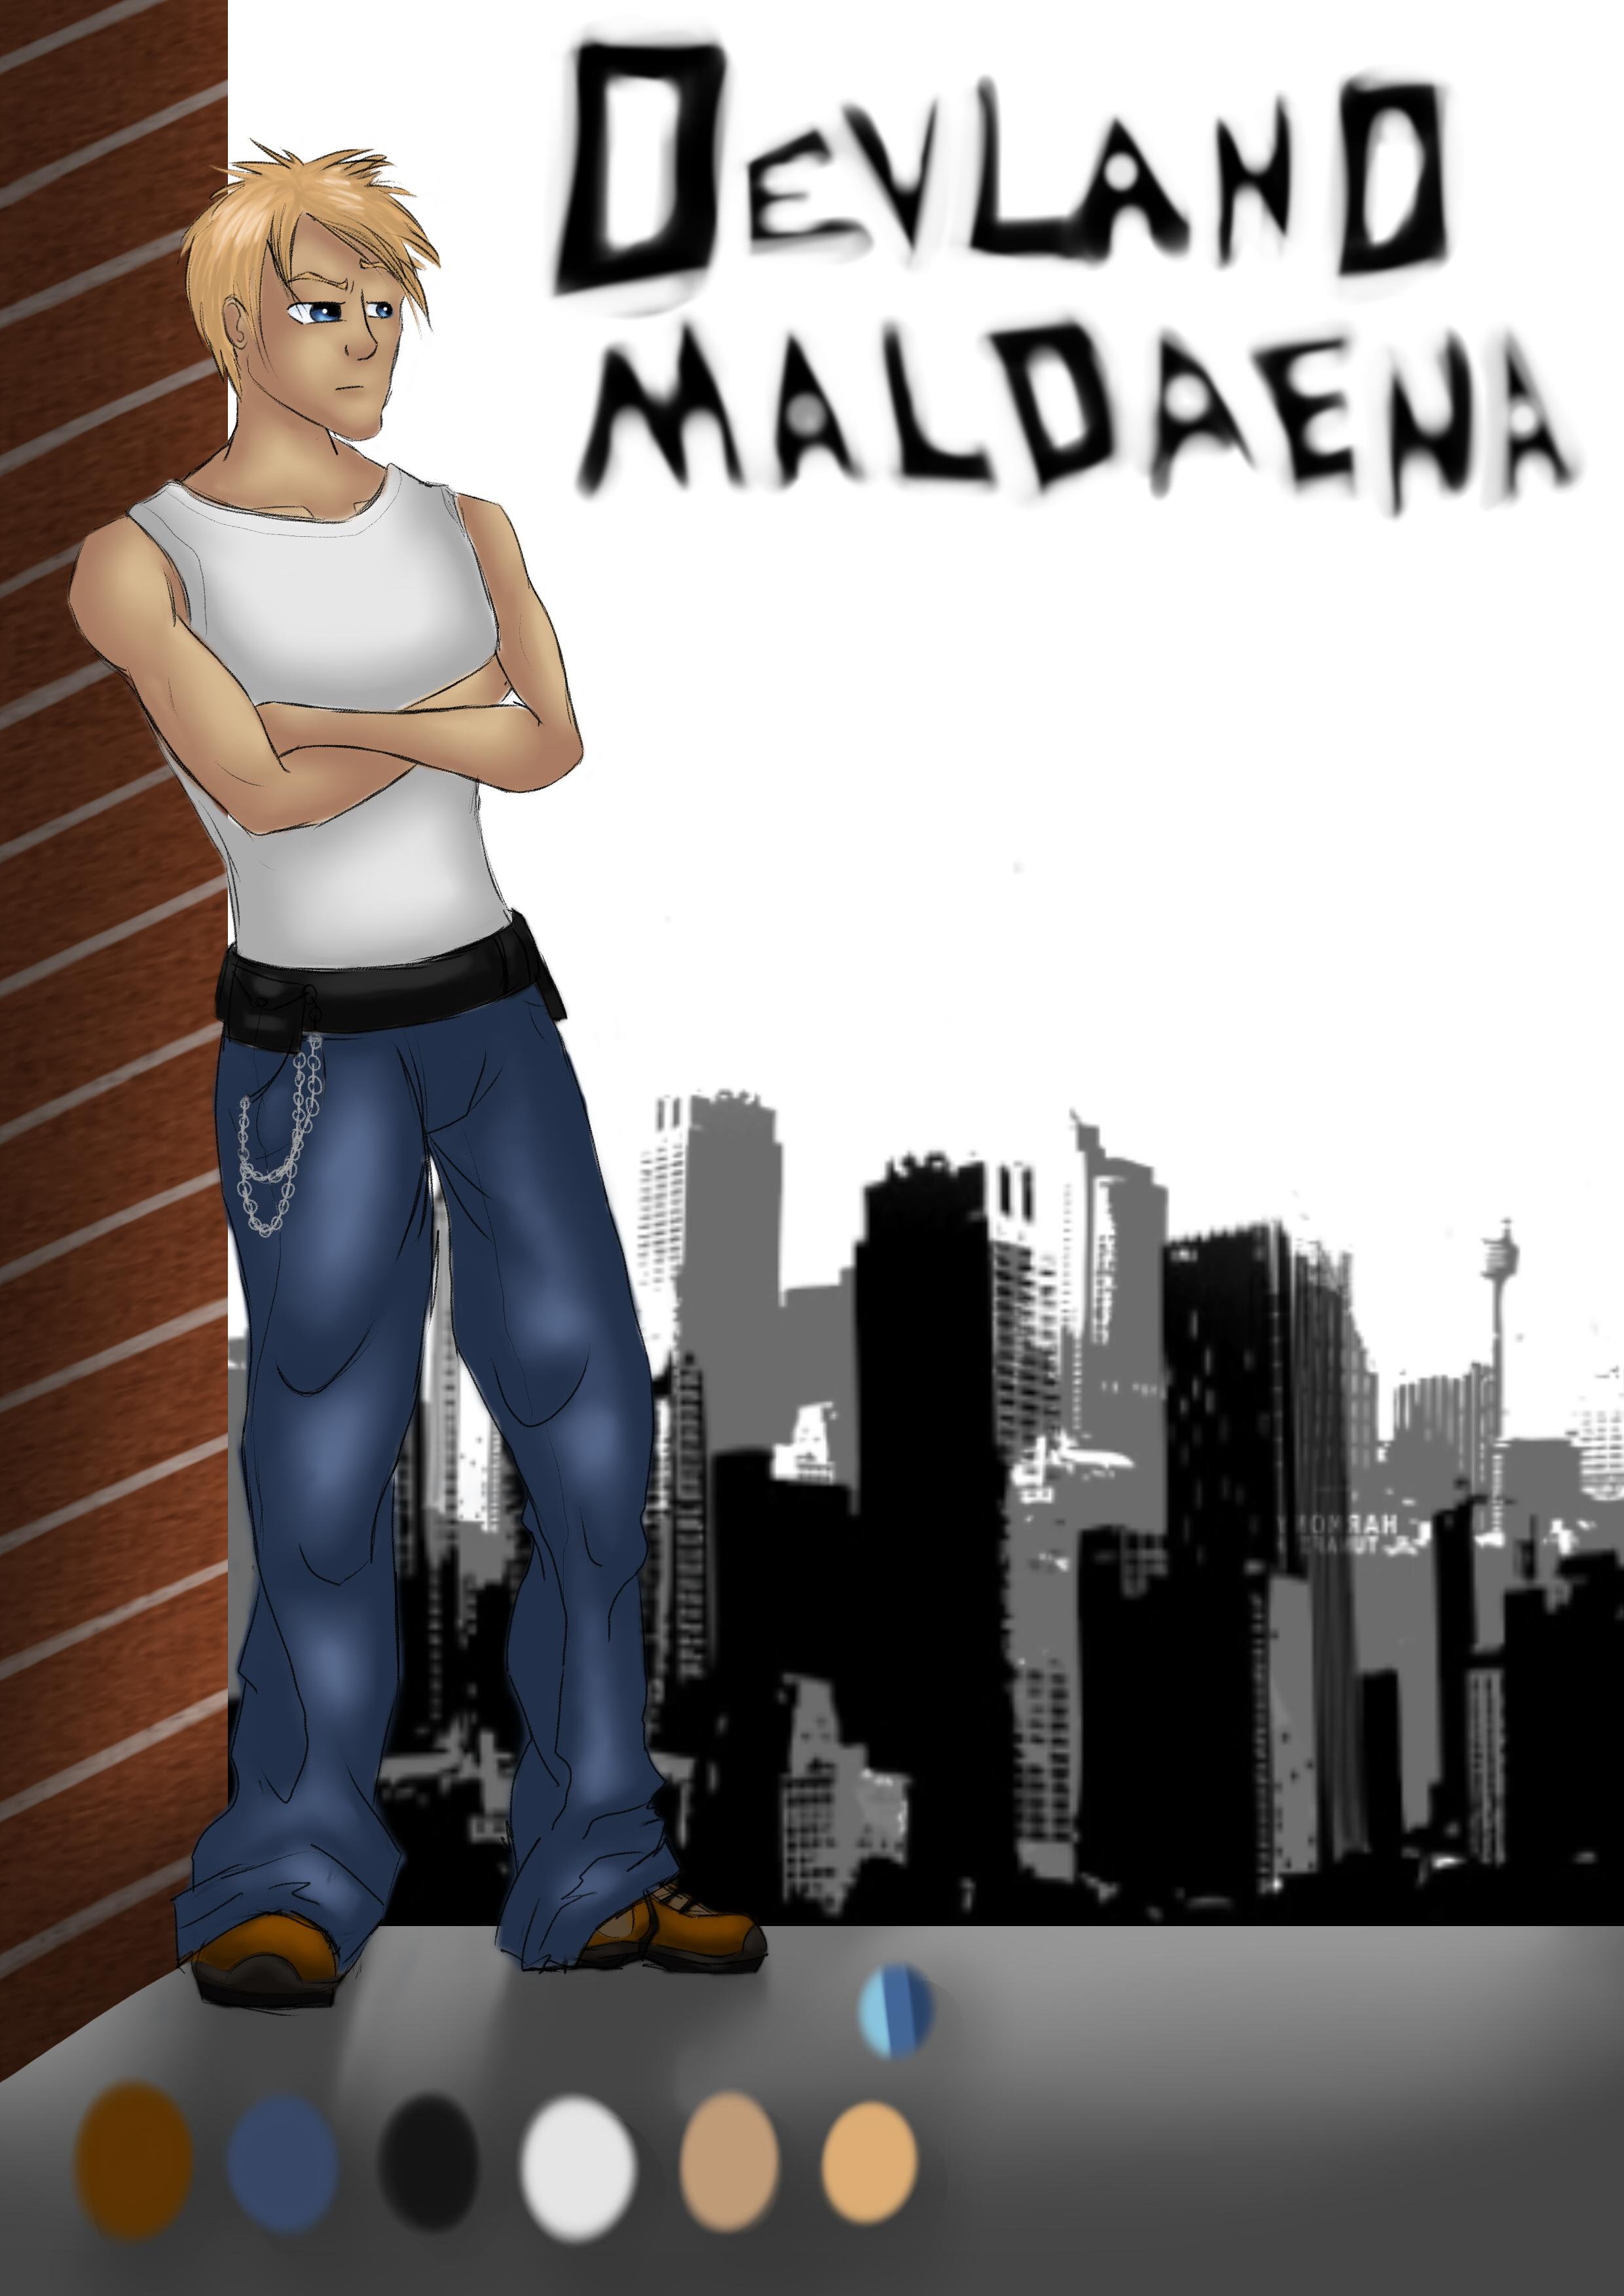 Devland Maldeana